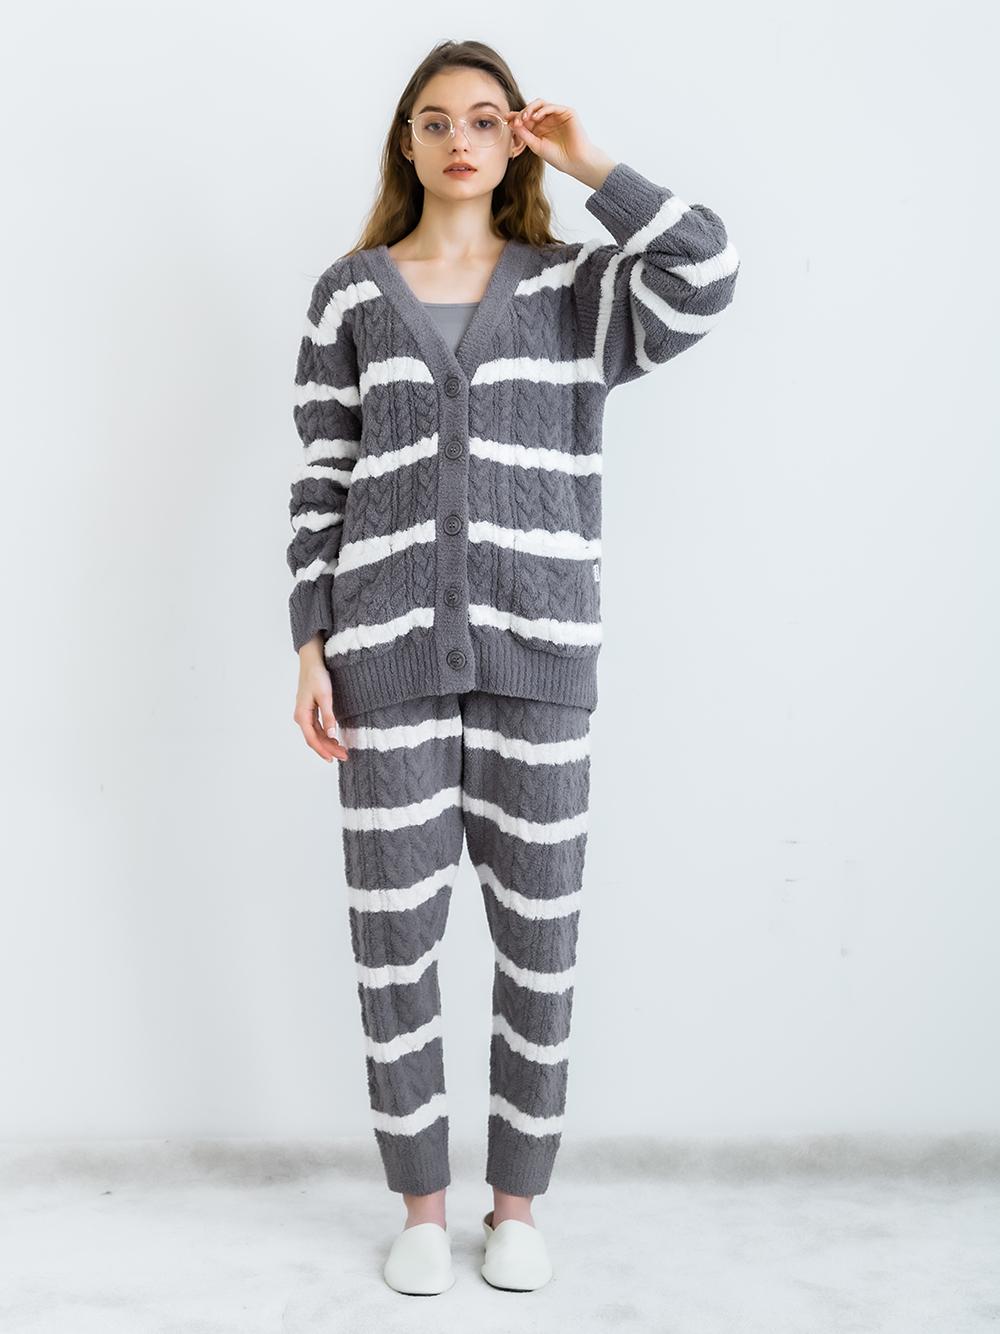 橫條紋編織外套